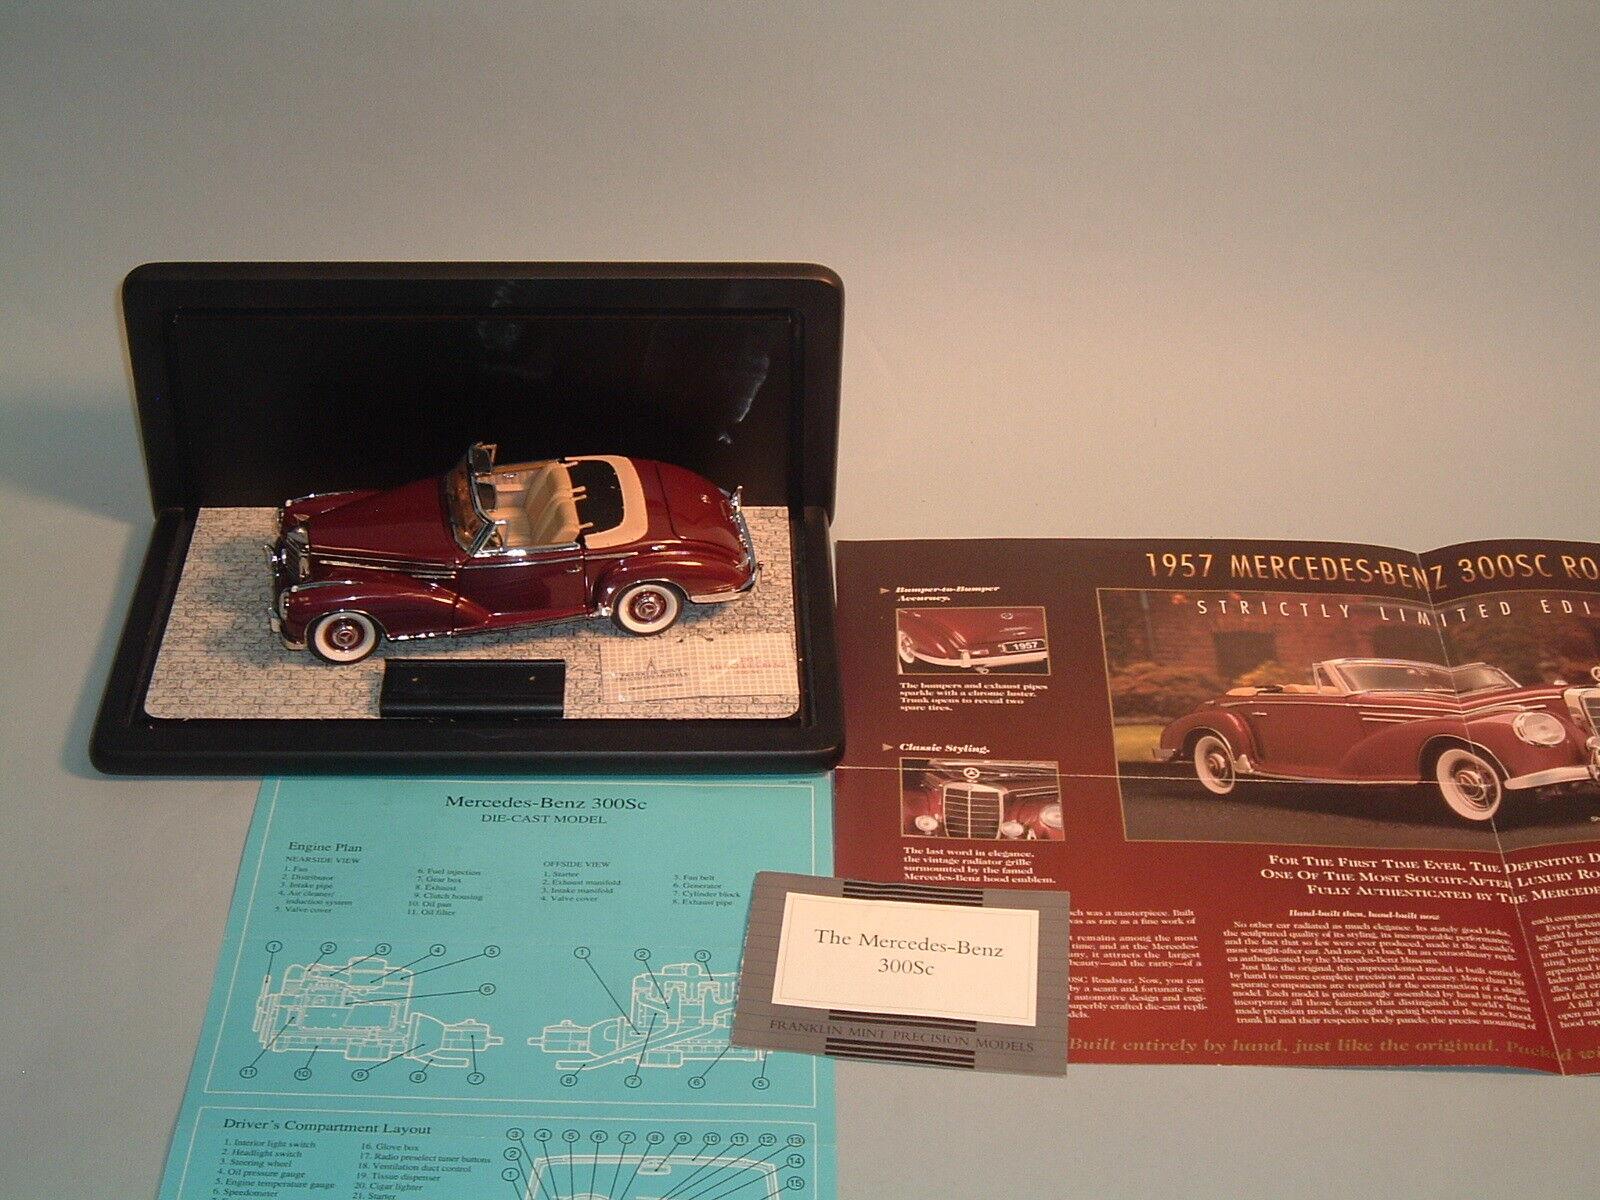 1957 MERCEDES -BENZ 300 SC BURGGUNDY ROADSTER FRANKLIN MINT